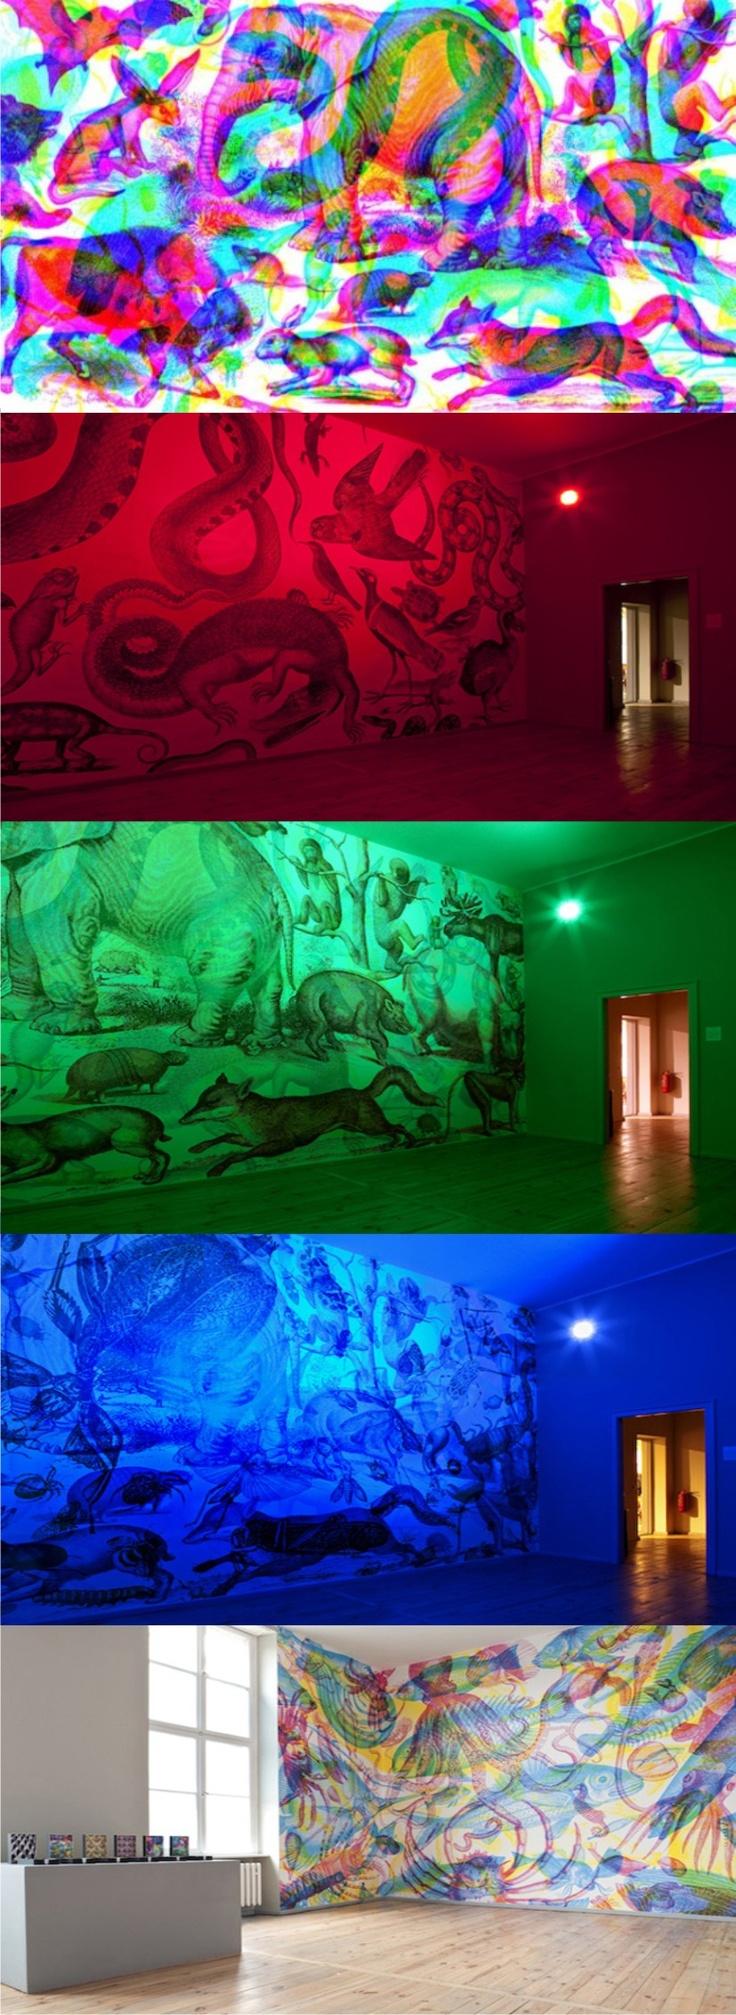 68 best RGB & CMYK images on Pinterest | Braces color wheel, Color ...